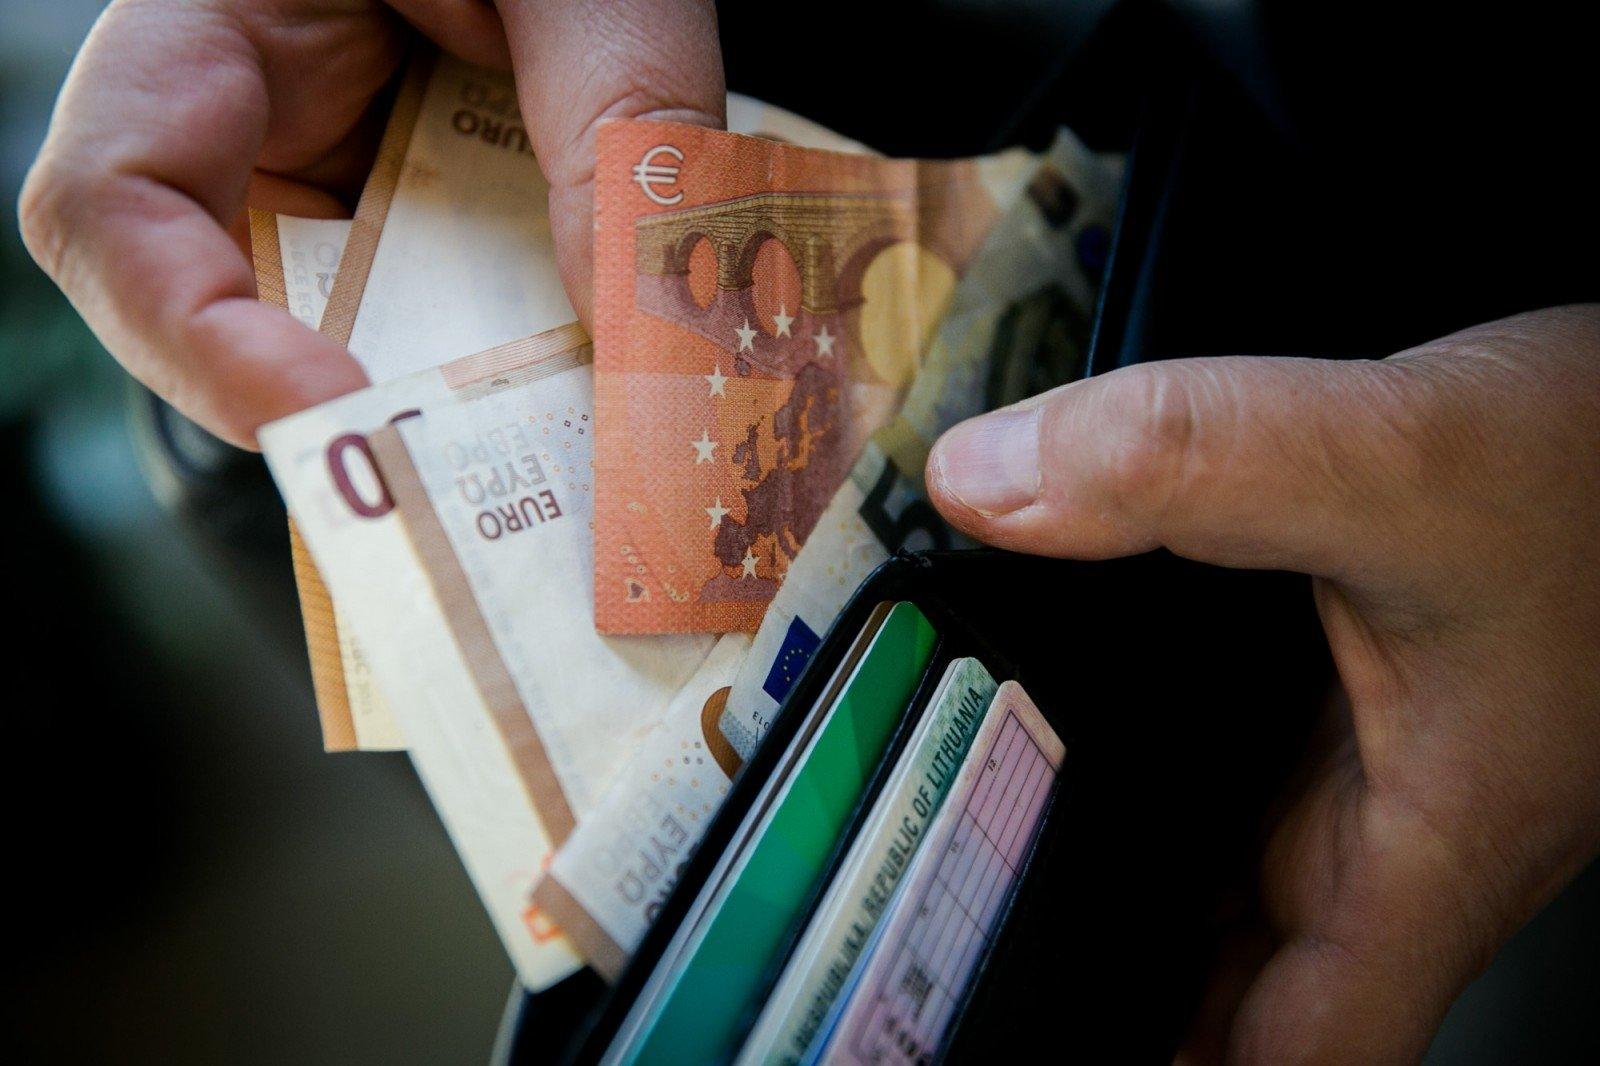 uždarbis internete pervedant atlyginimus kasdien ta5 užsidirbti pinigų